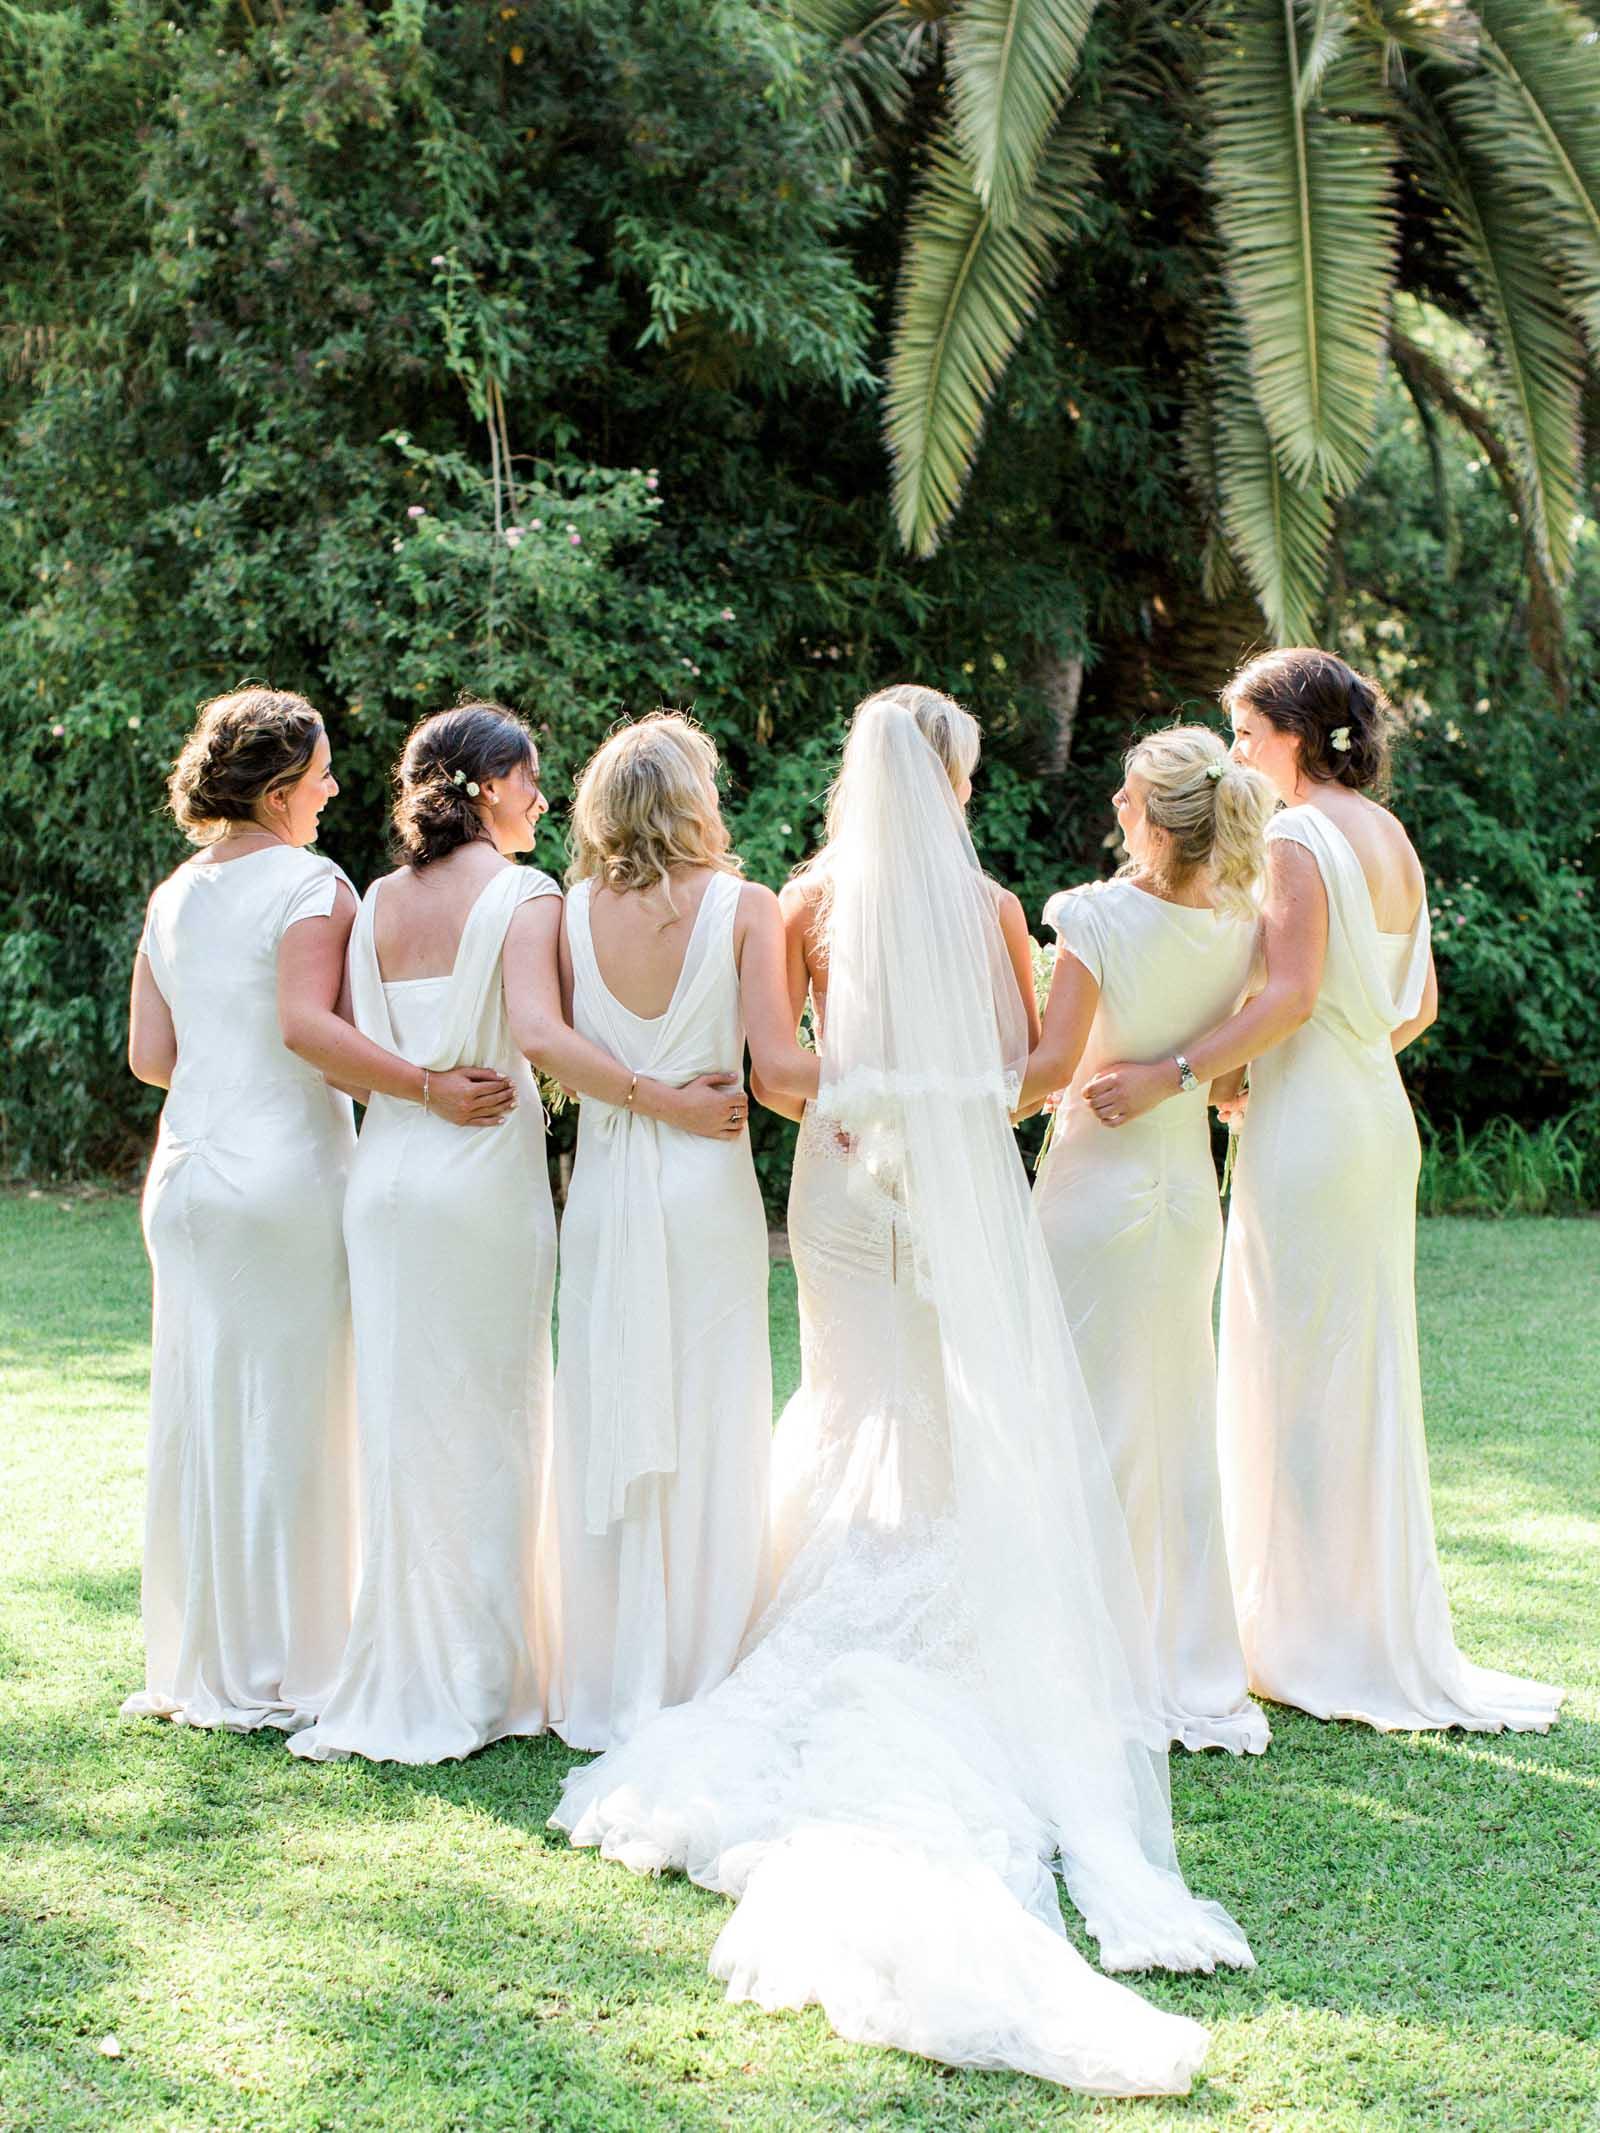 Beautiful wedding in Marbella, Spain at Finca la Concepcion - Krmorenophoto